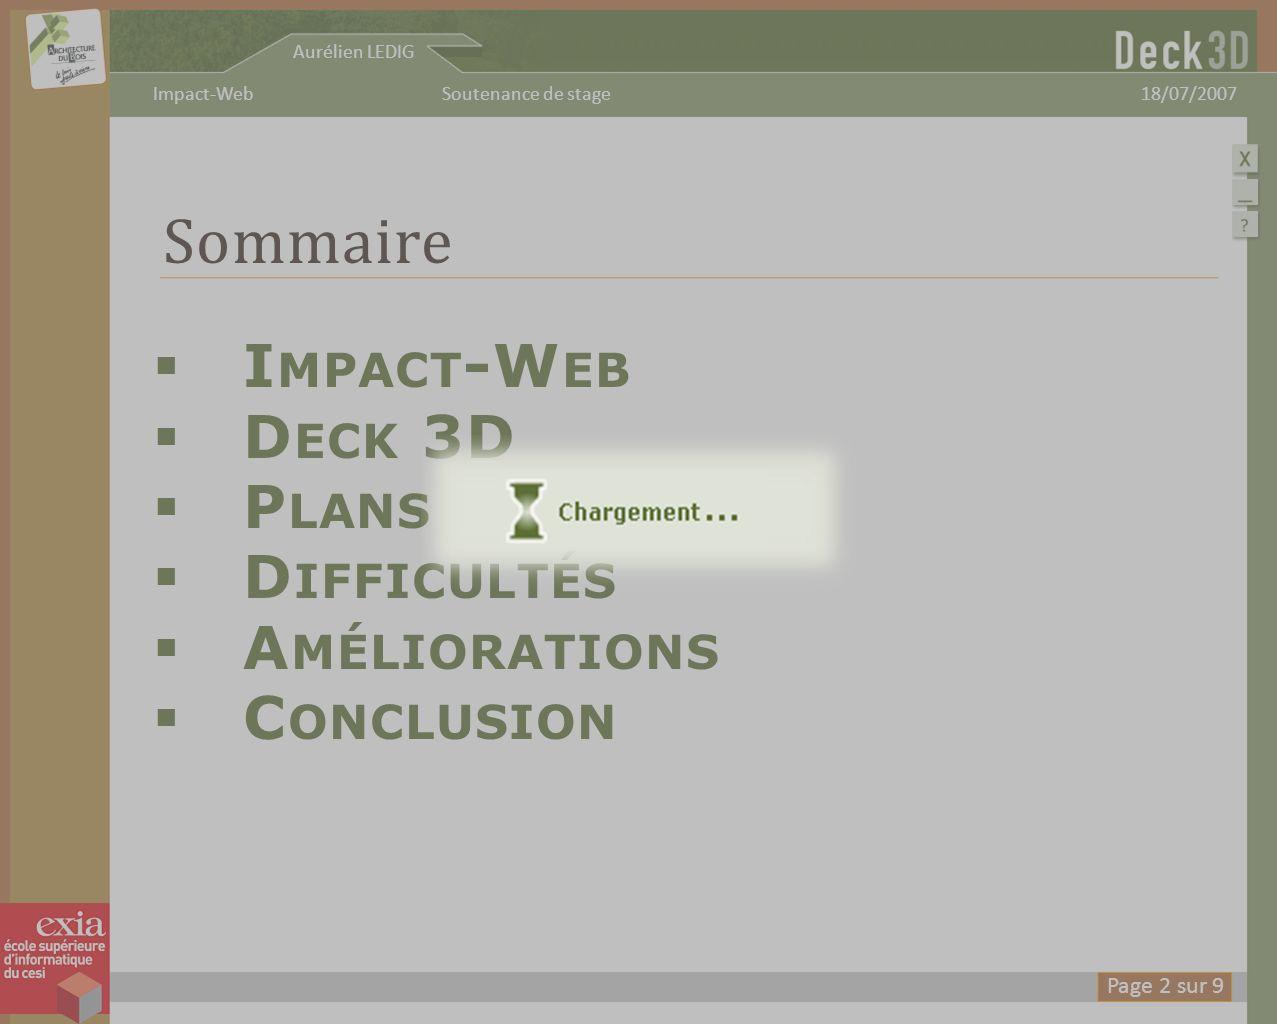 Sommaire I MPACT -W EB D ECK 3D P LANS DE COUPE D IFFICULTÉS A MÉLIORATIONS C ONCLUSION Aurélien LEDIG 18/07/2007Soutenance de stageImpact-Web